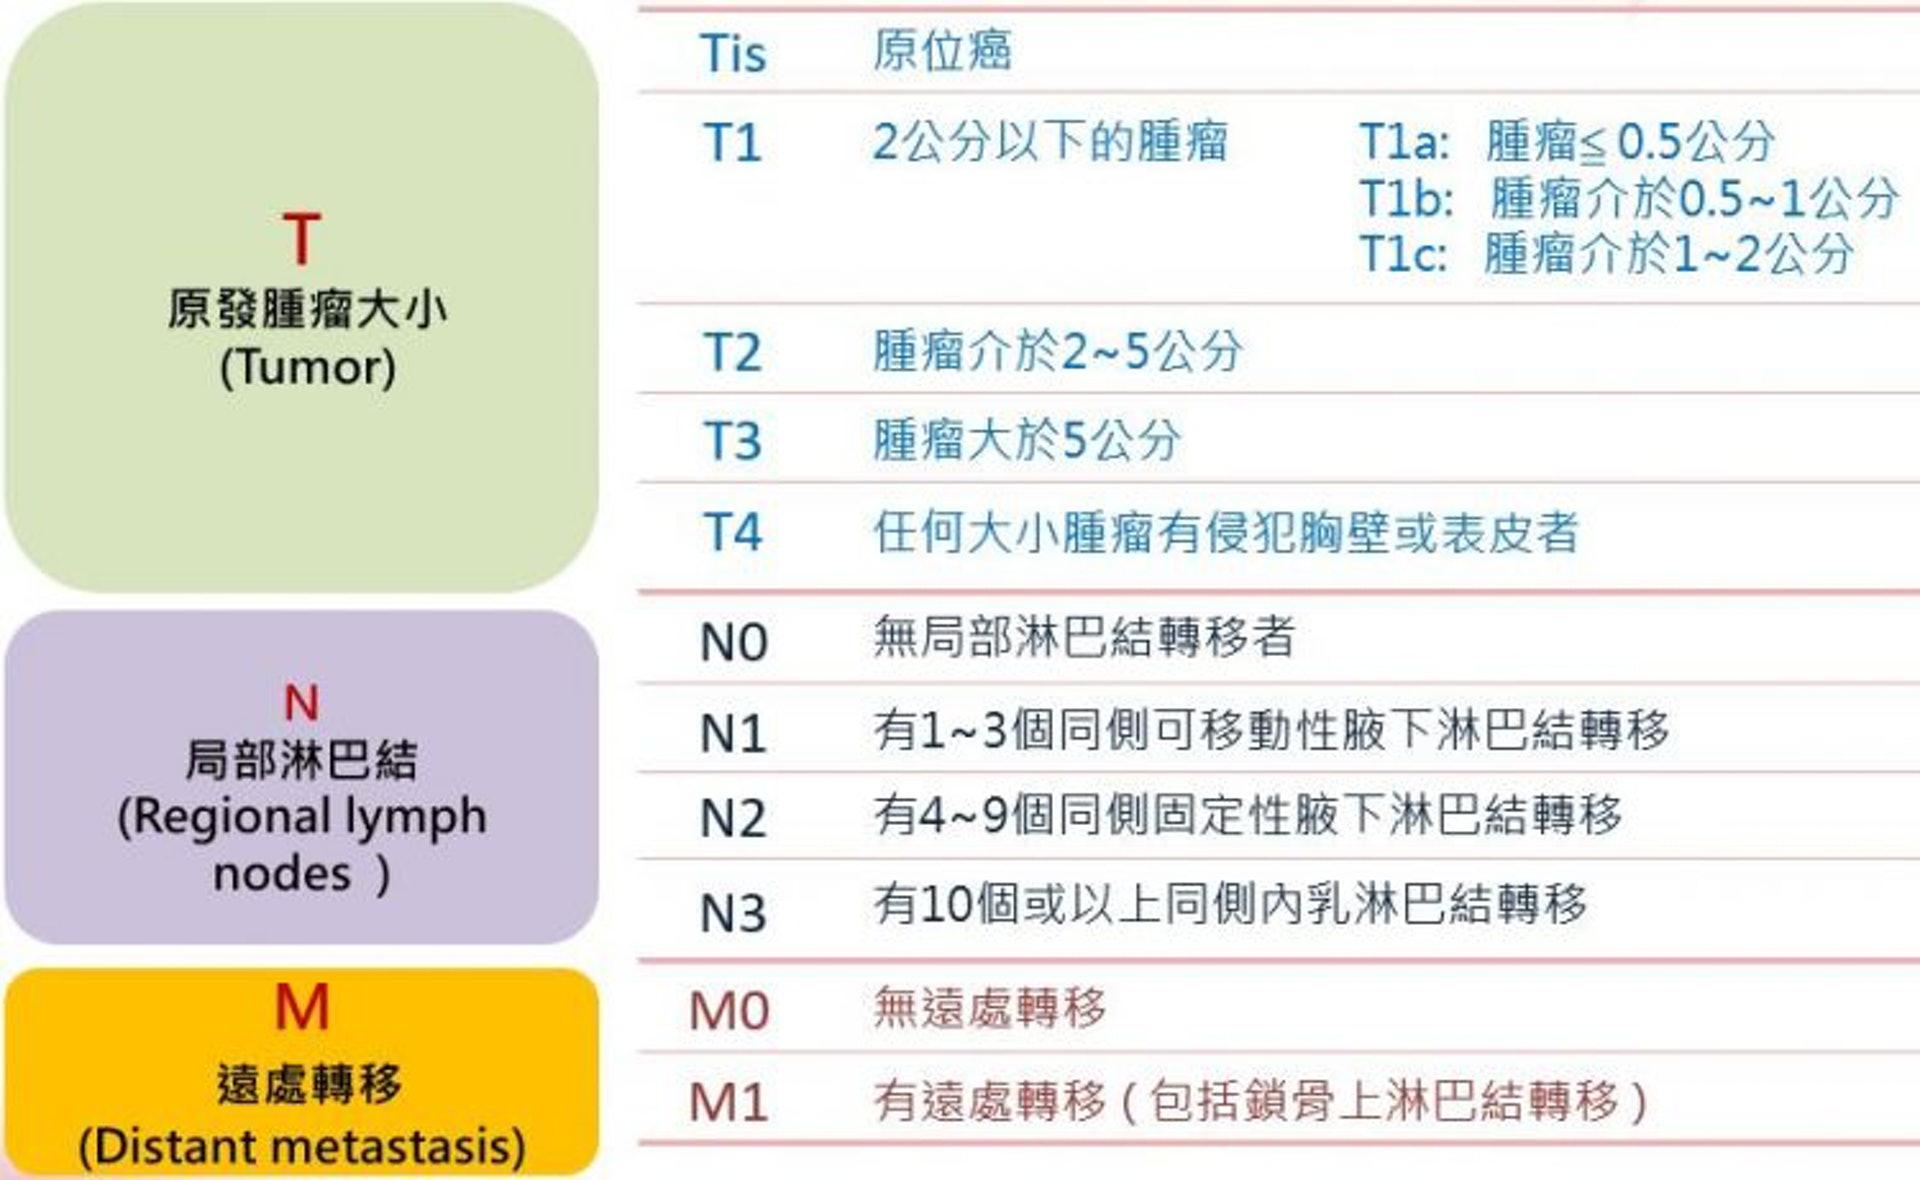 左圖:西醫臨床會按照T、N及M來斷定乳癌期數,包括T(tumour)腫瘤的大小;N(node)淋巴結受影響的幅度;以及M(metastasis) 癌細胞是否有遠端擴散,轉移至其他器官,中醫在醫治乳癌時除了參考上述數據,亦會考慮四個重要的測試指標,分別是ER、PR、HER及Ki-67。(圖片: globalmednew)